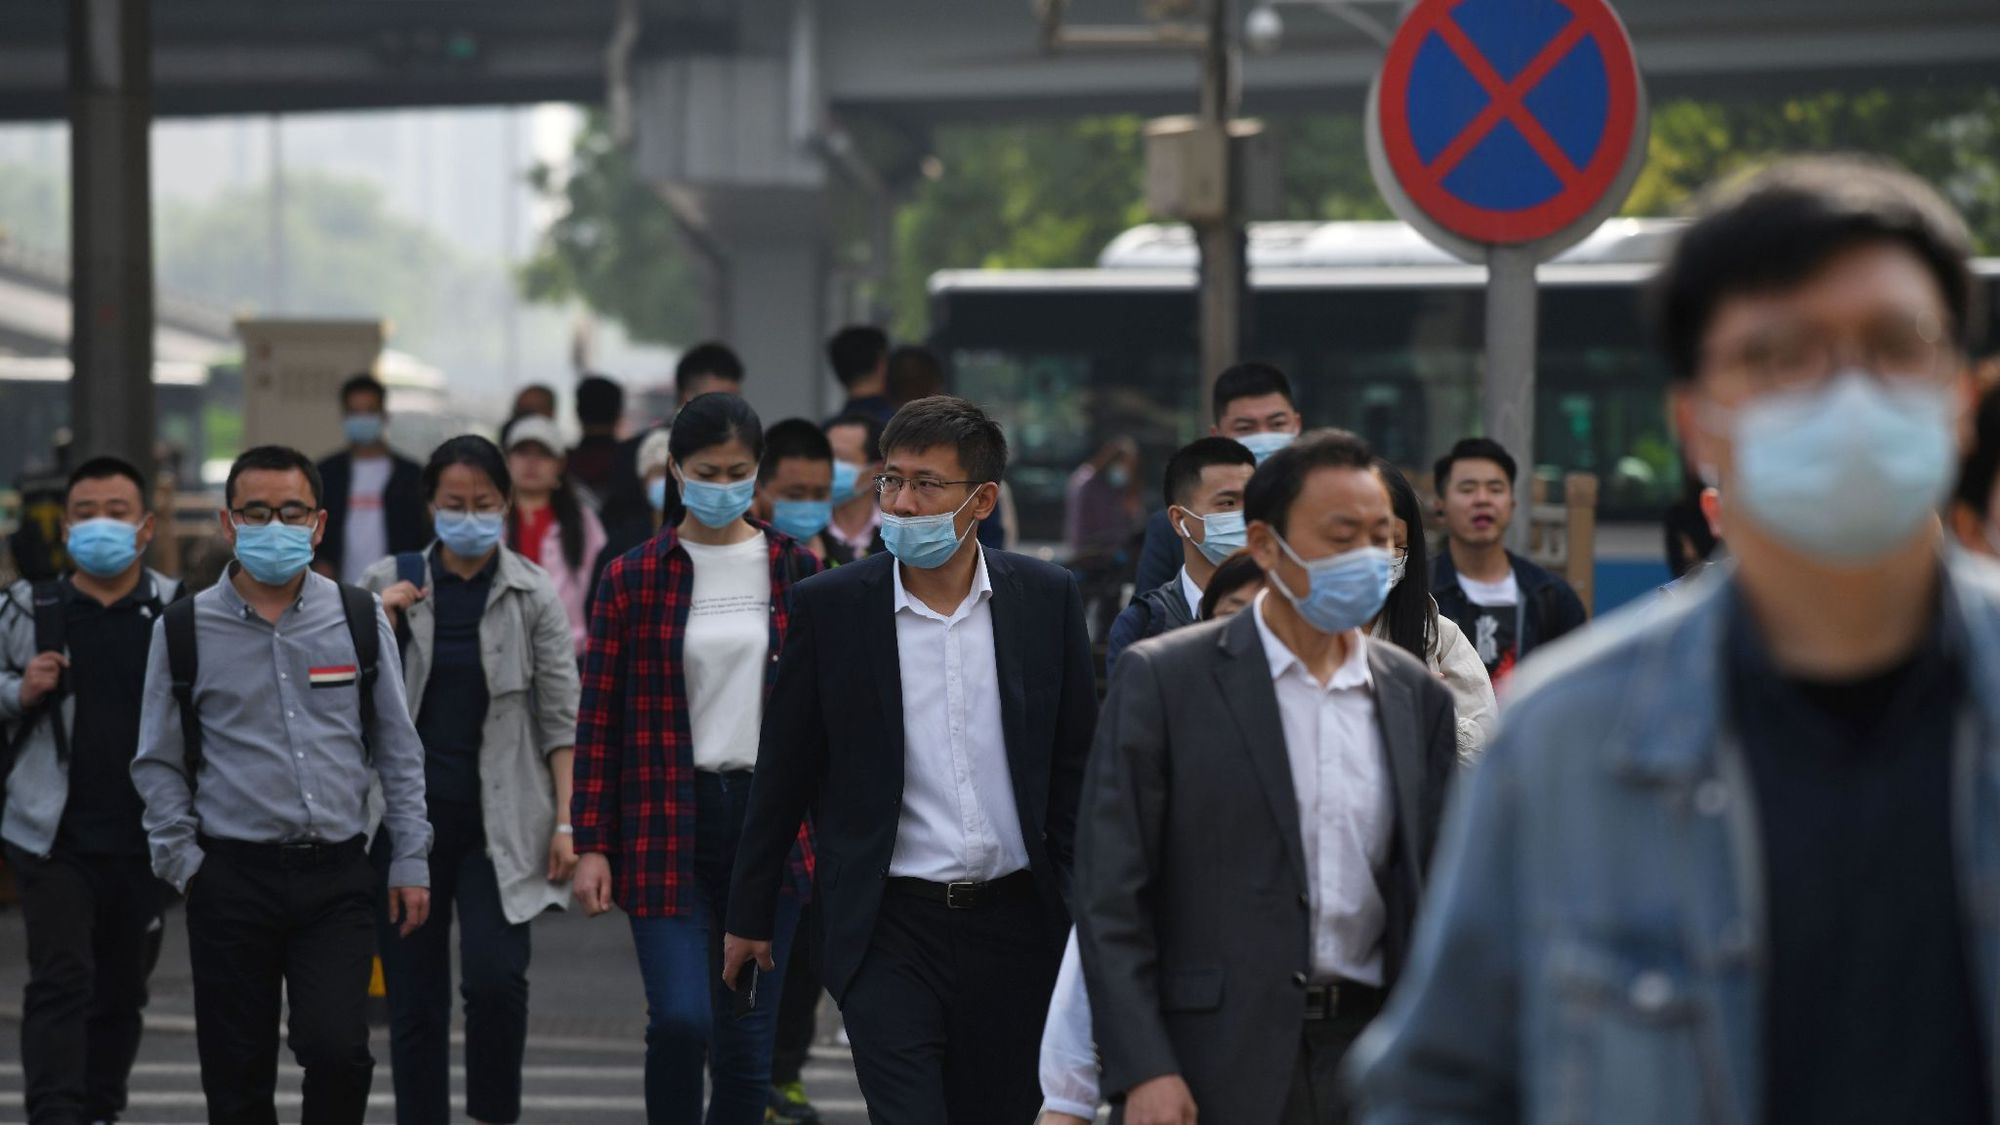 La Chine reste le pays le plus peuplé au monde, malgré un ralentissement de sa croissance démographique